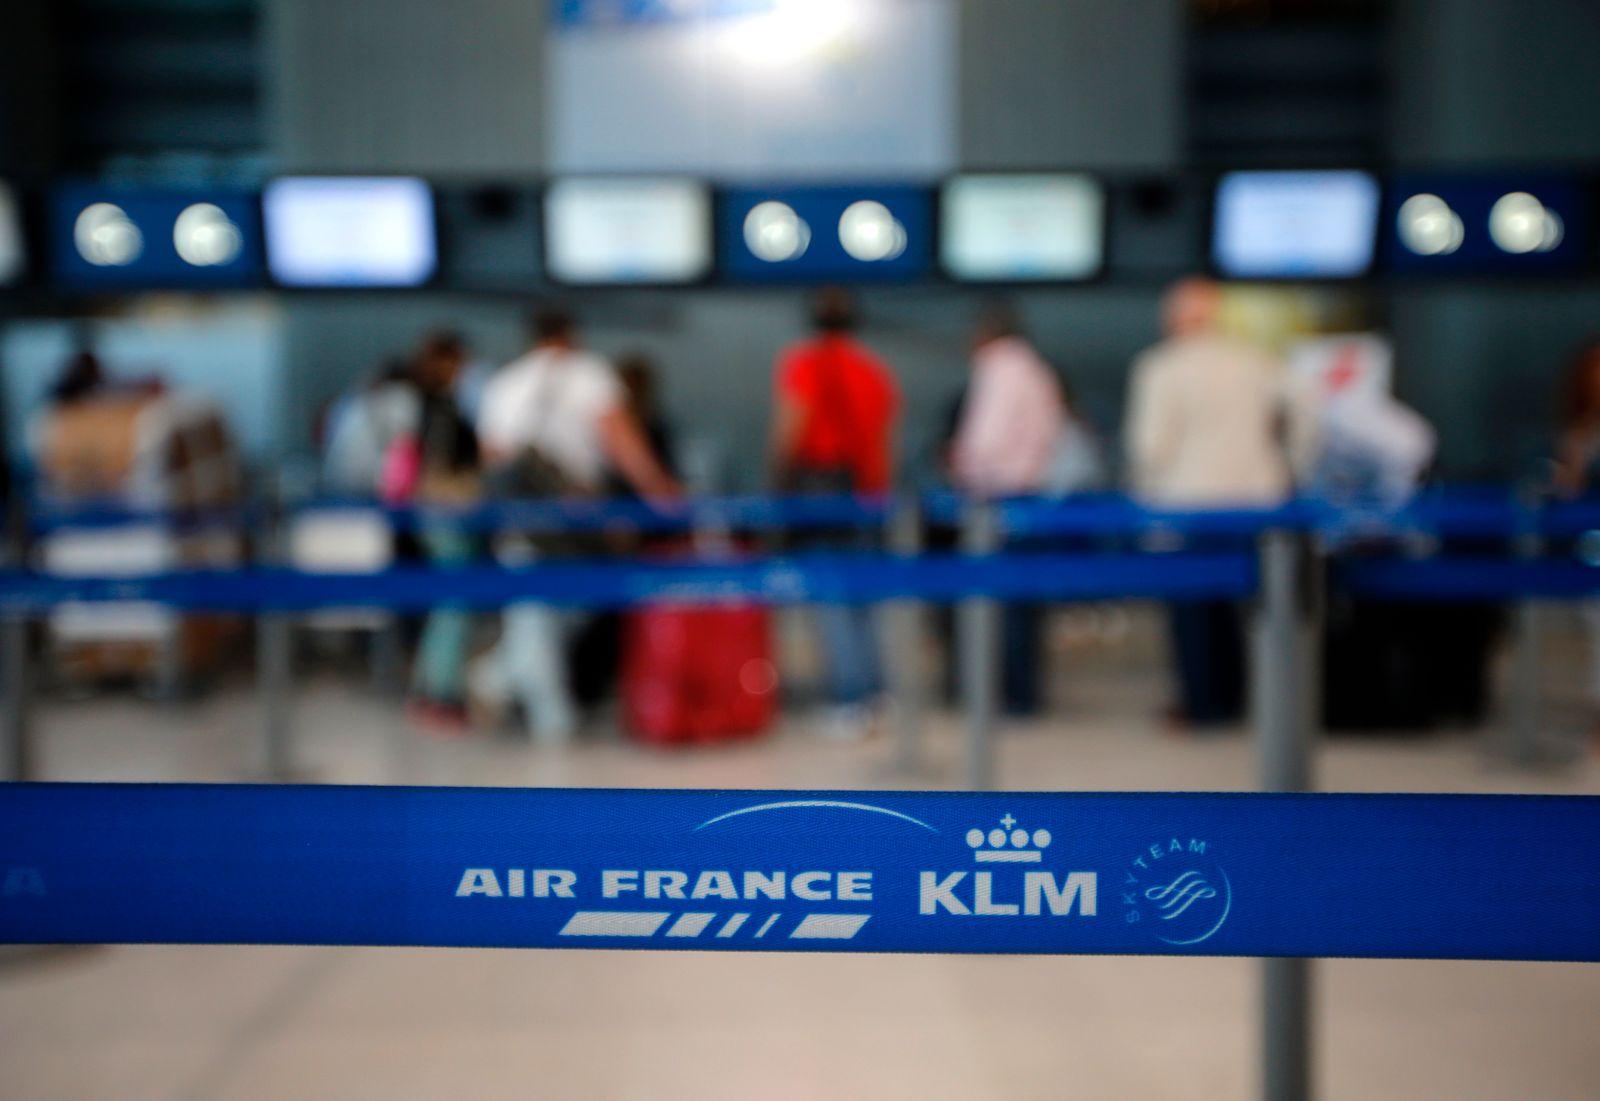 Air France KLM / Absperrung